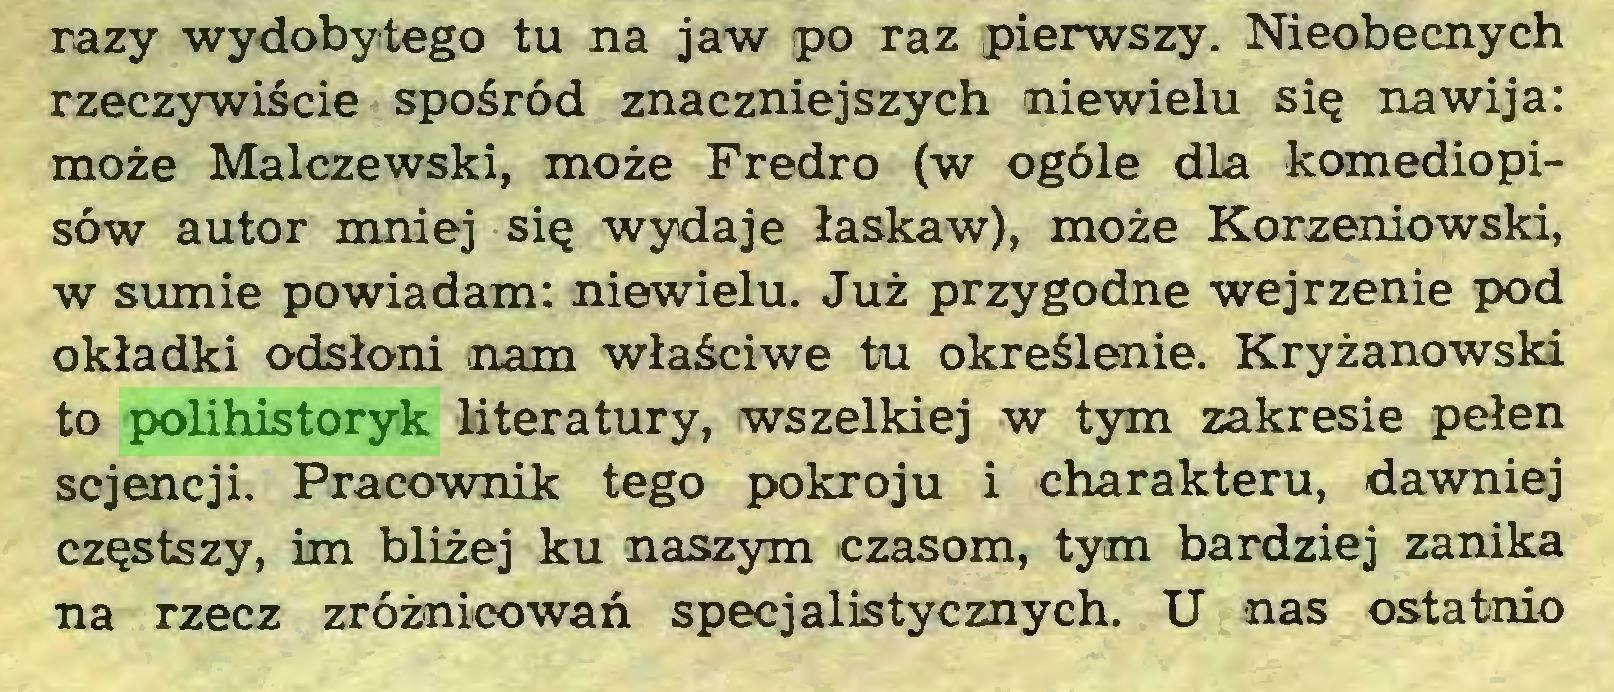 (...) razy wydobytego tu na jaw po raz pierwszy. Nieobecnych rzeczywiście spośród znaczniejszych niewielu się nawija: może Malczewski, może Fredro (w ogóle dla komediopisów autor mniej się wydaje łaskaw), może Korzeniowski, w sumie powiadam: niewielu. Już przygodne wejrzenie pod okładki odsłoni nam właściwe tu określenie. Kryżanowski to polihistoryk literatury, wszelkiej w tym zakresie pełen sejencji. Pracownik tego pokroju i charakteru, dawniej częstszy, im bliżej ku naszym czasom, tym bardziej zanika na rzecz zróżnicowań specjalistycznych. U nas ostatnio...